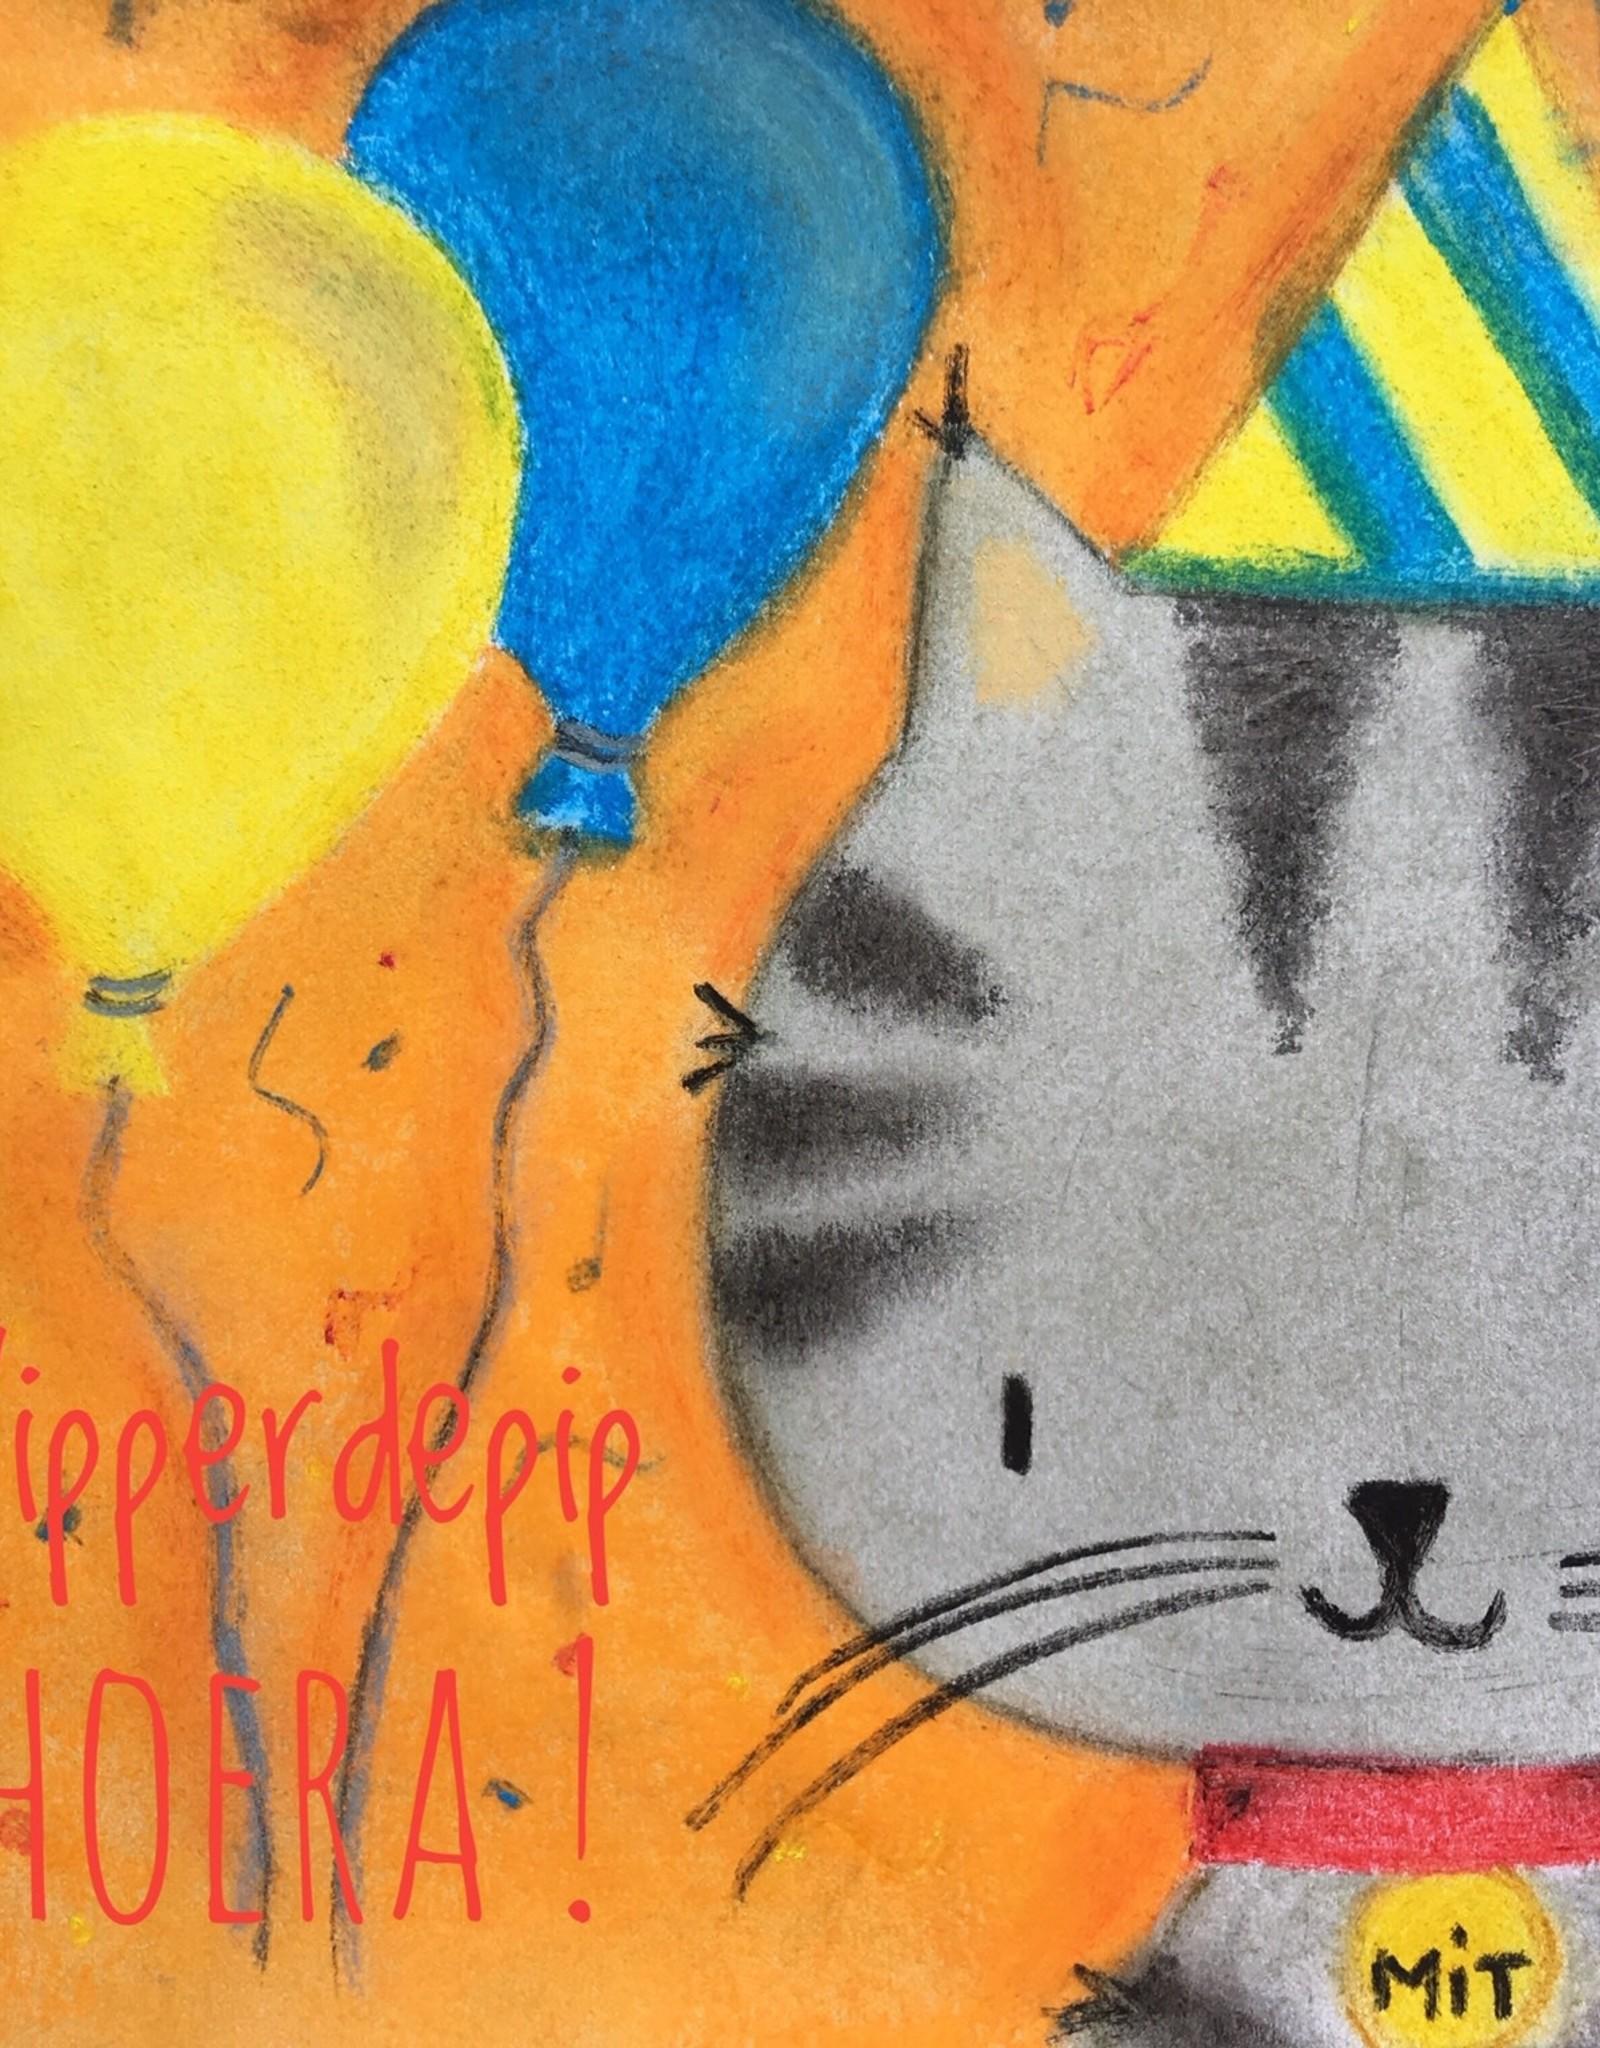 snoetjes vol sproetjes Kaartje Katje vierkant - Hipperdepip Hoera!